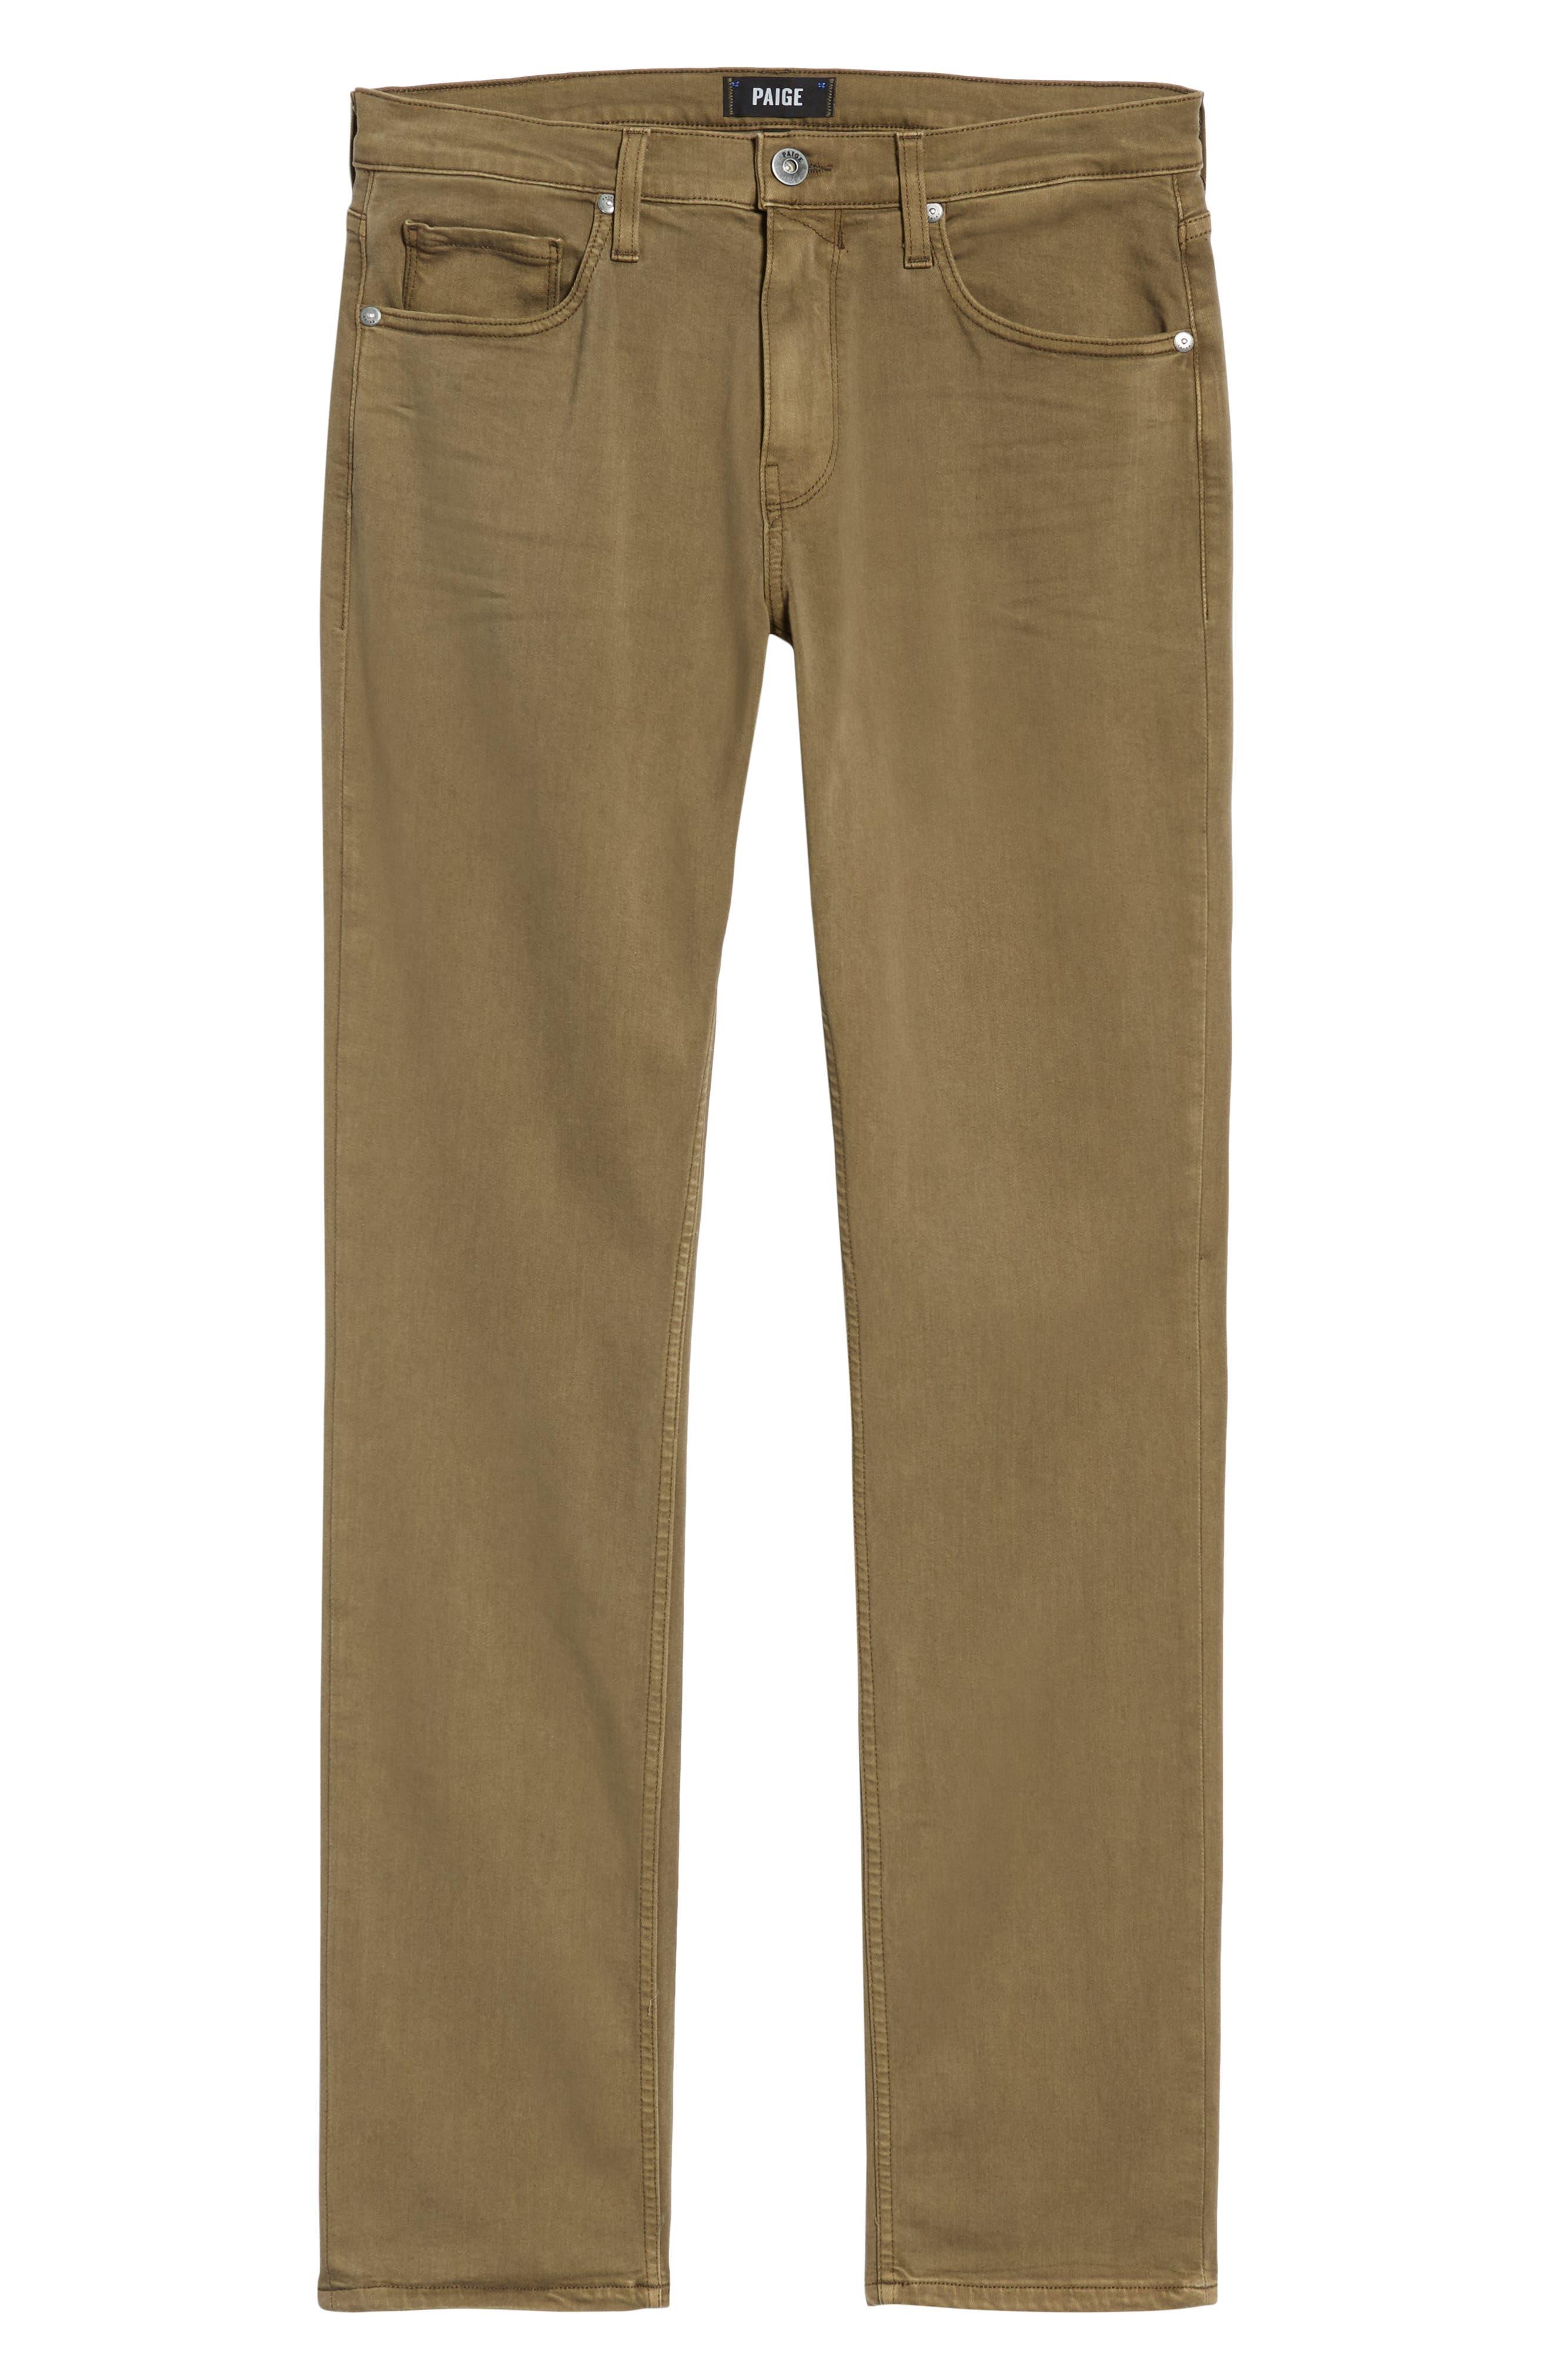 PAIGE,                             Transcend - Federal Slim Straight Leg Jeans,                             Alternate thumbnail 6, color,                             VINTAGE ARTICHOKE